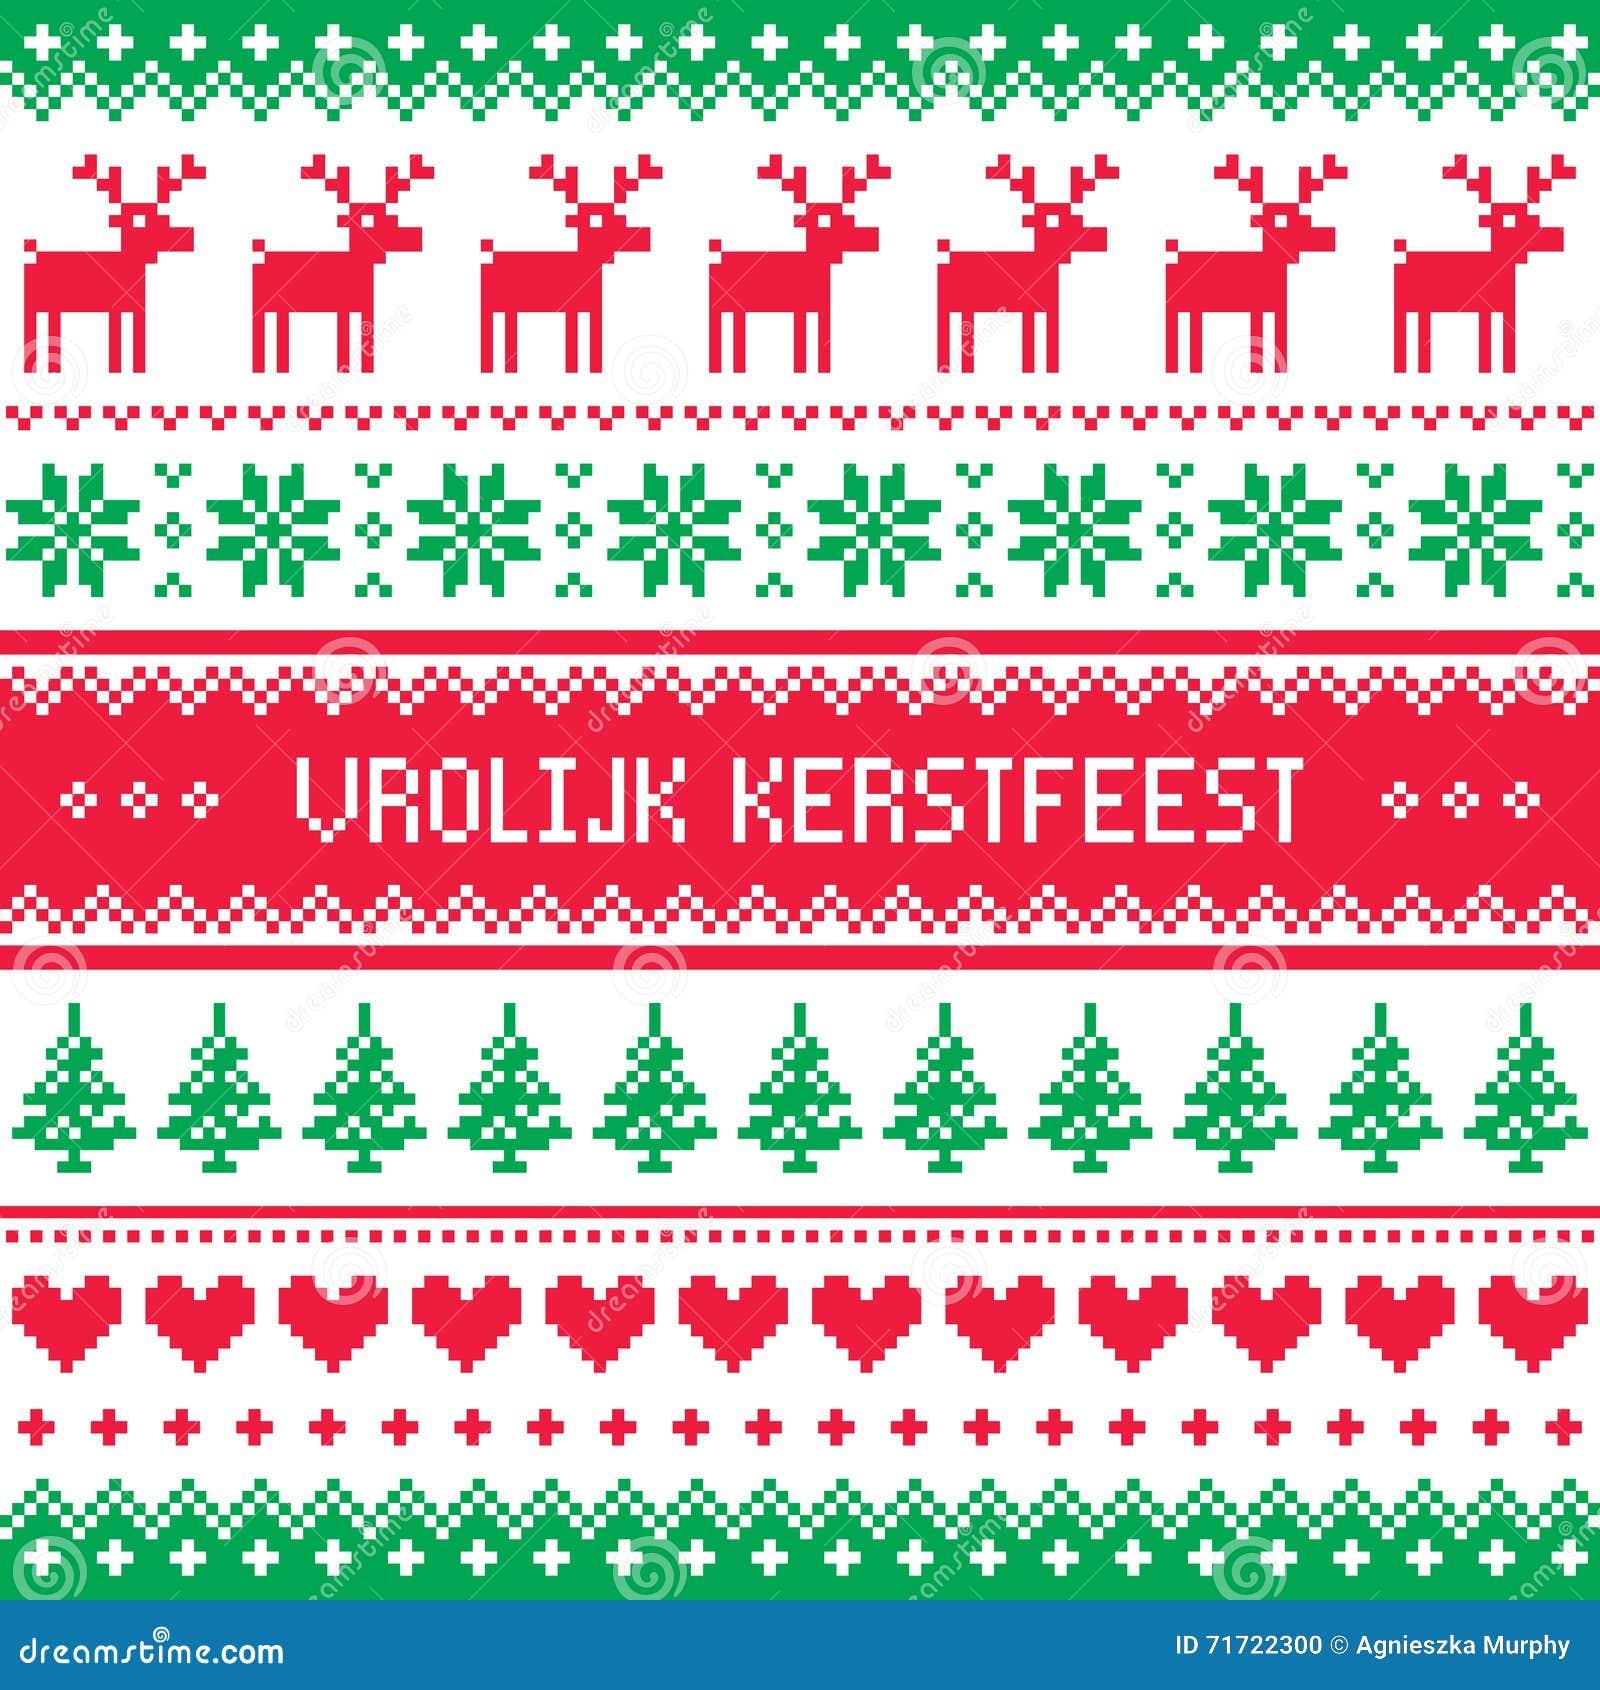 Vrolijk kerstfeest greetings card merry christmas in dutch and download vrolijk kerstfeest greetings card merry christmas in dutch and flemish stock illustration illustration m4hsunfo